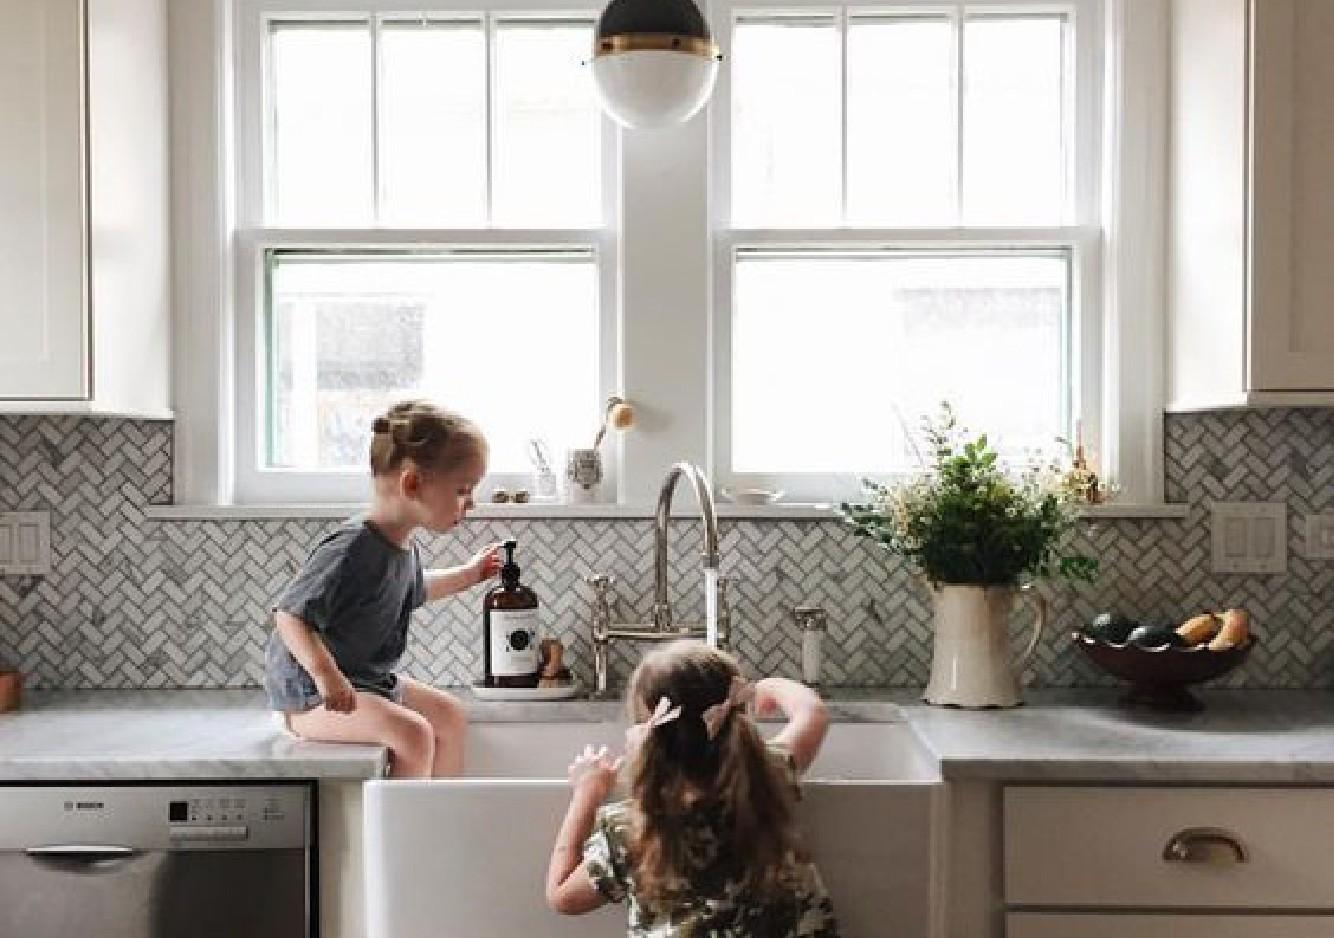 Une cuisine safe et stylée pour bébé en 5 leçons